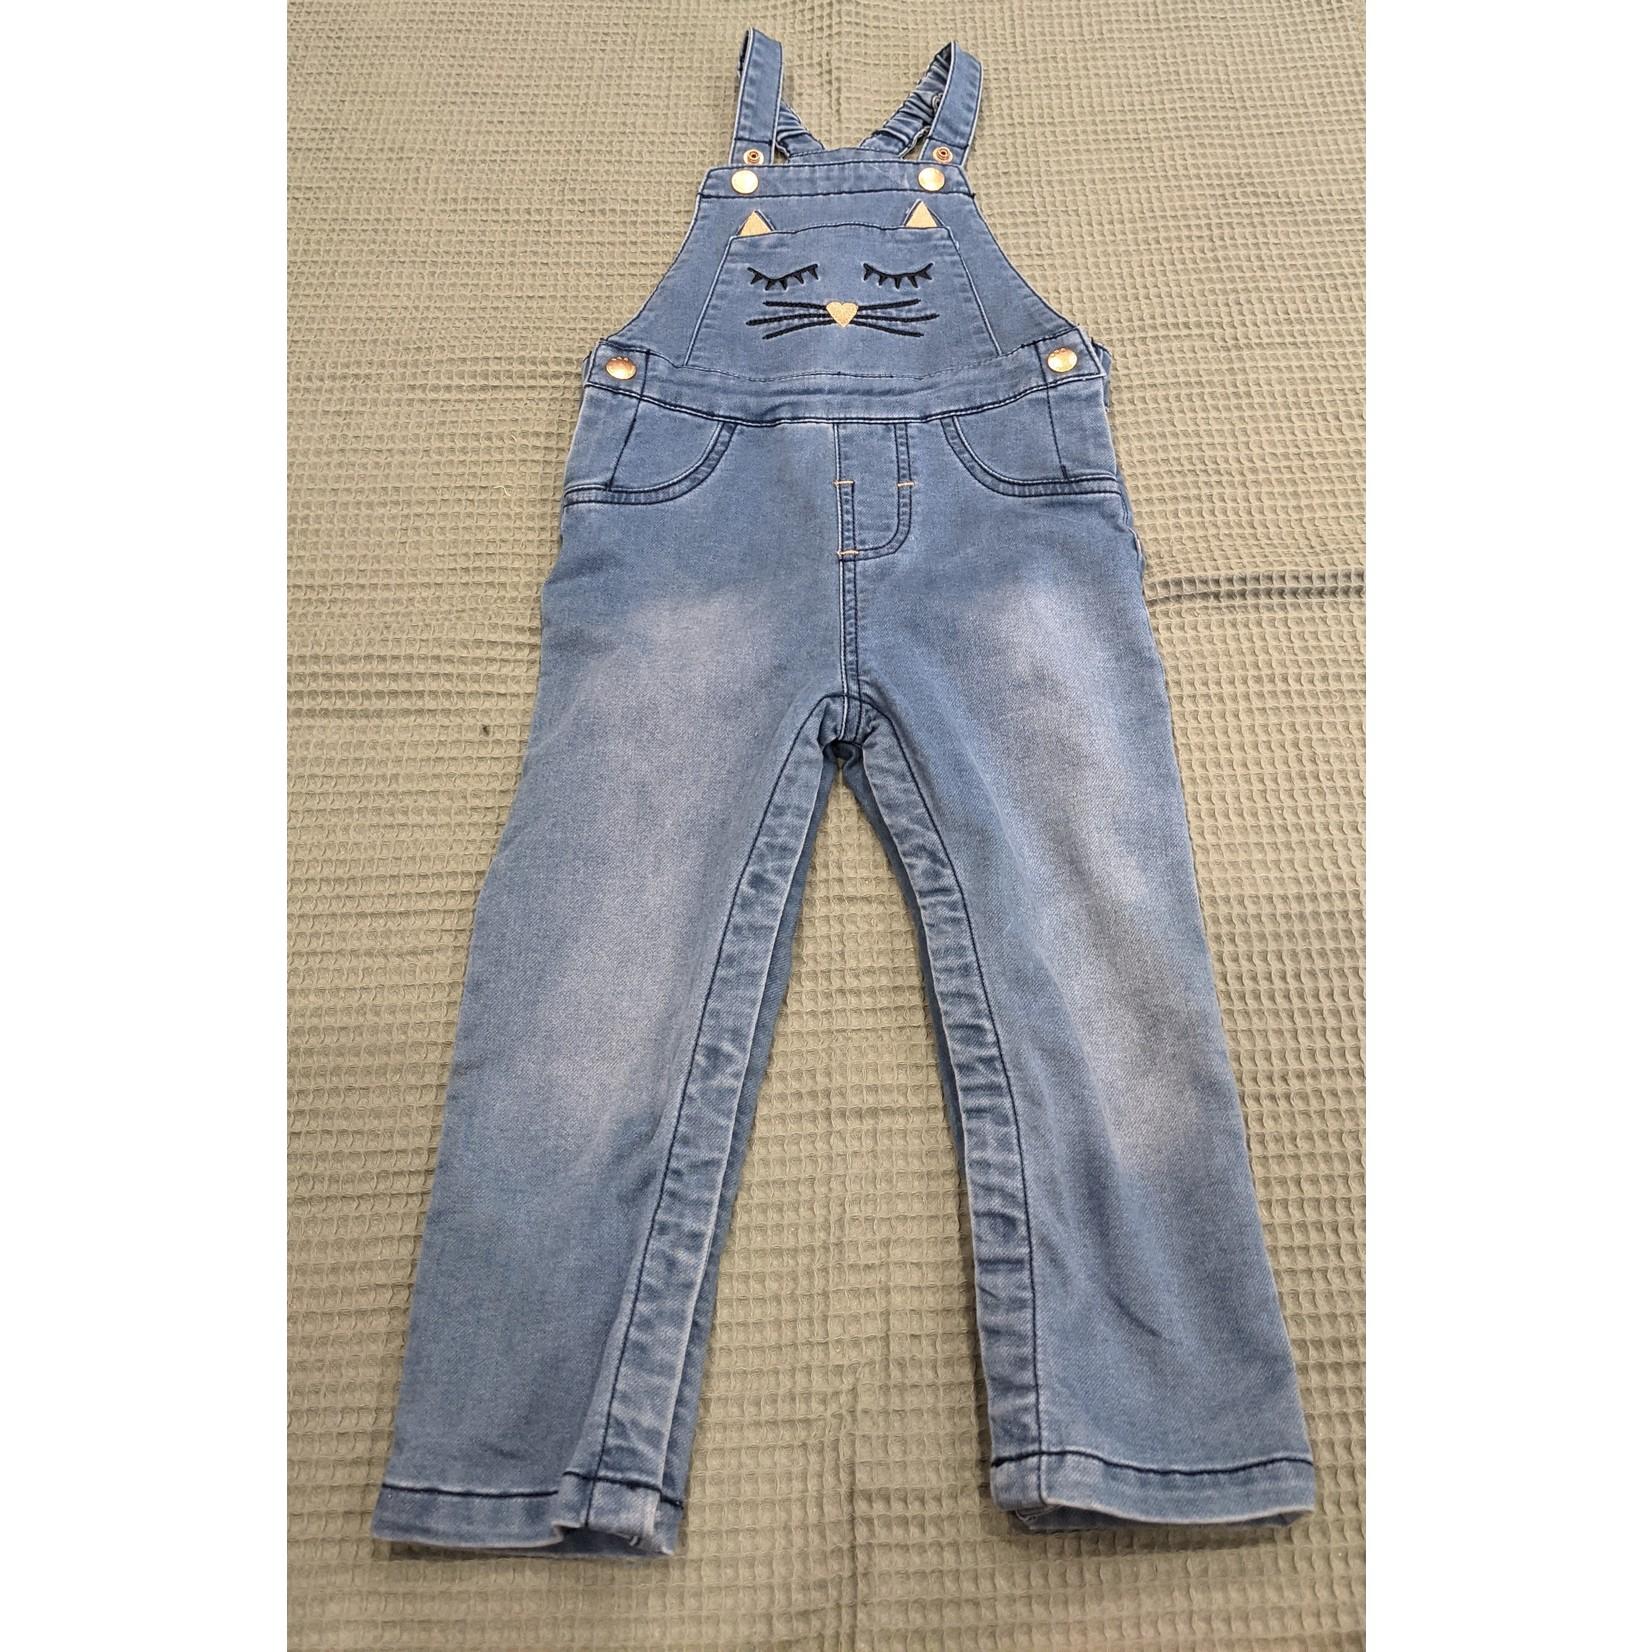 #53 Salopette jeans chaton